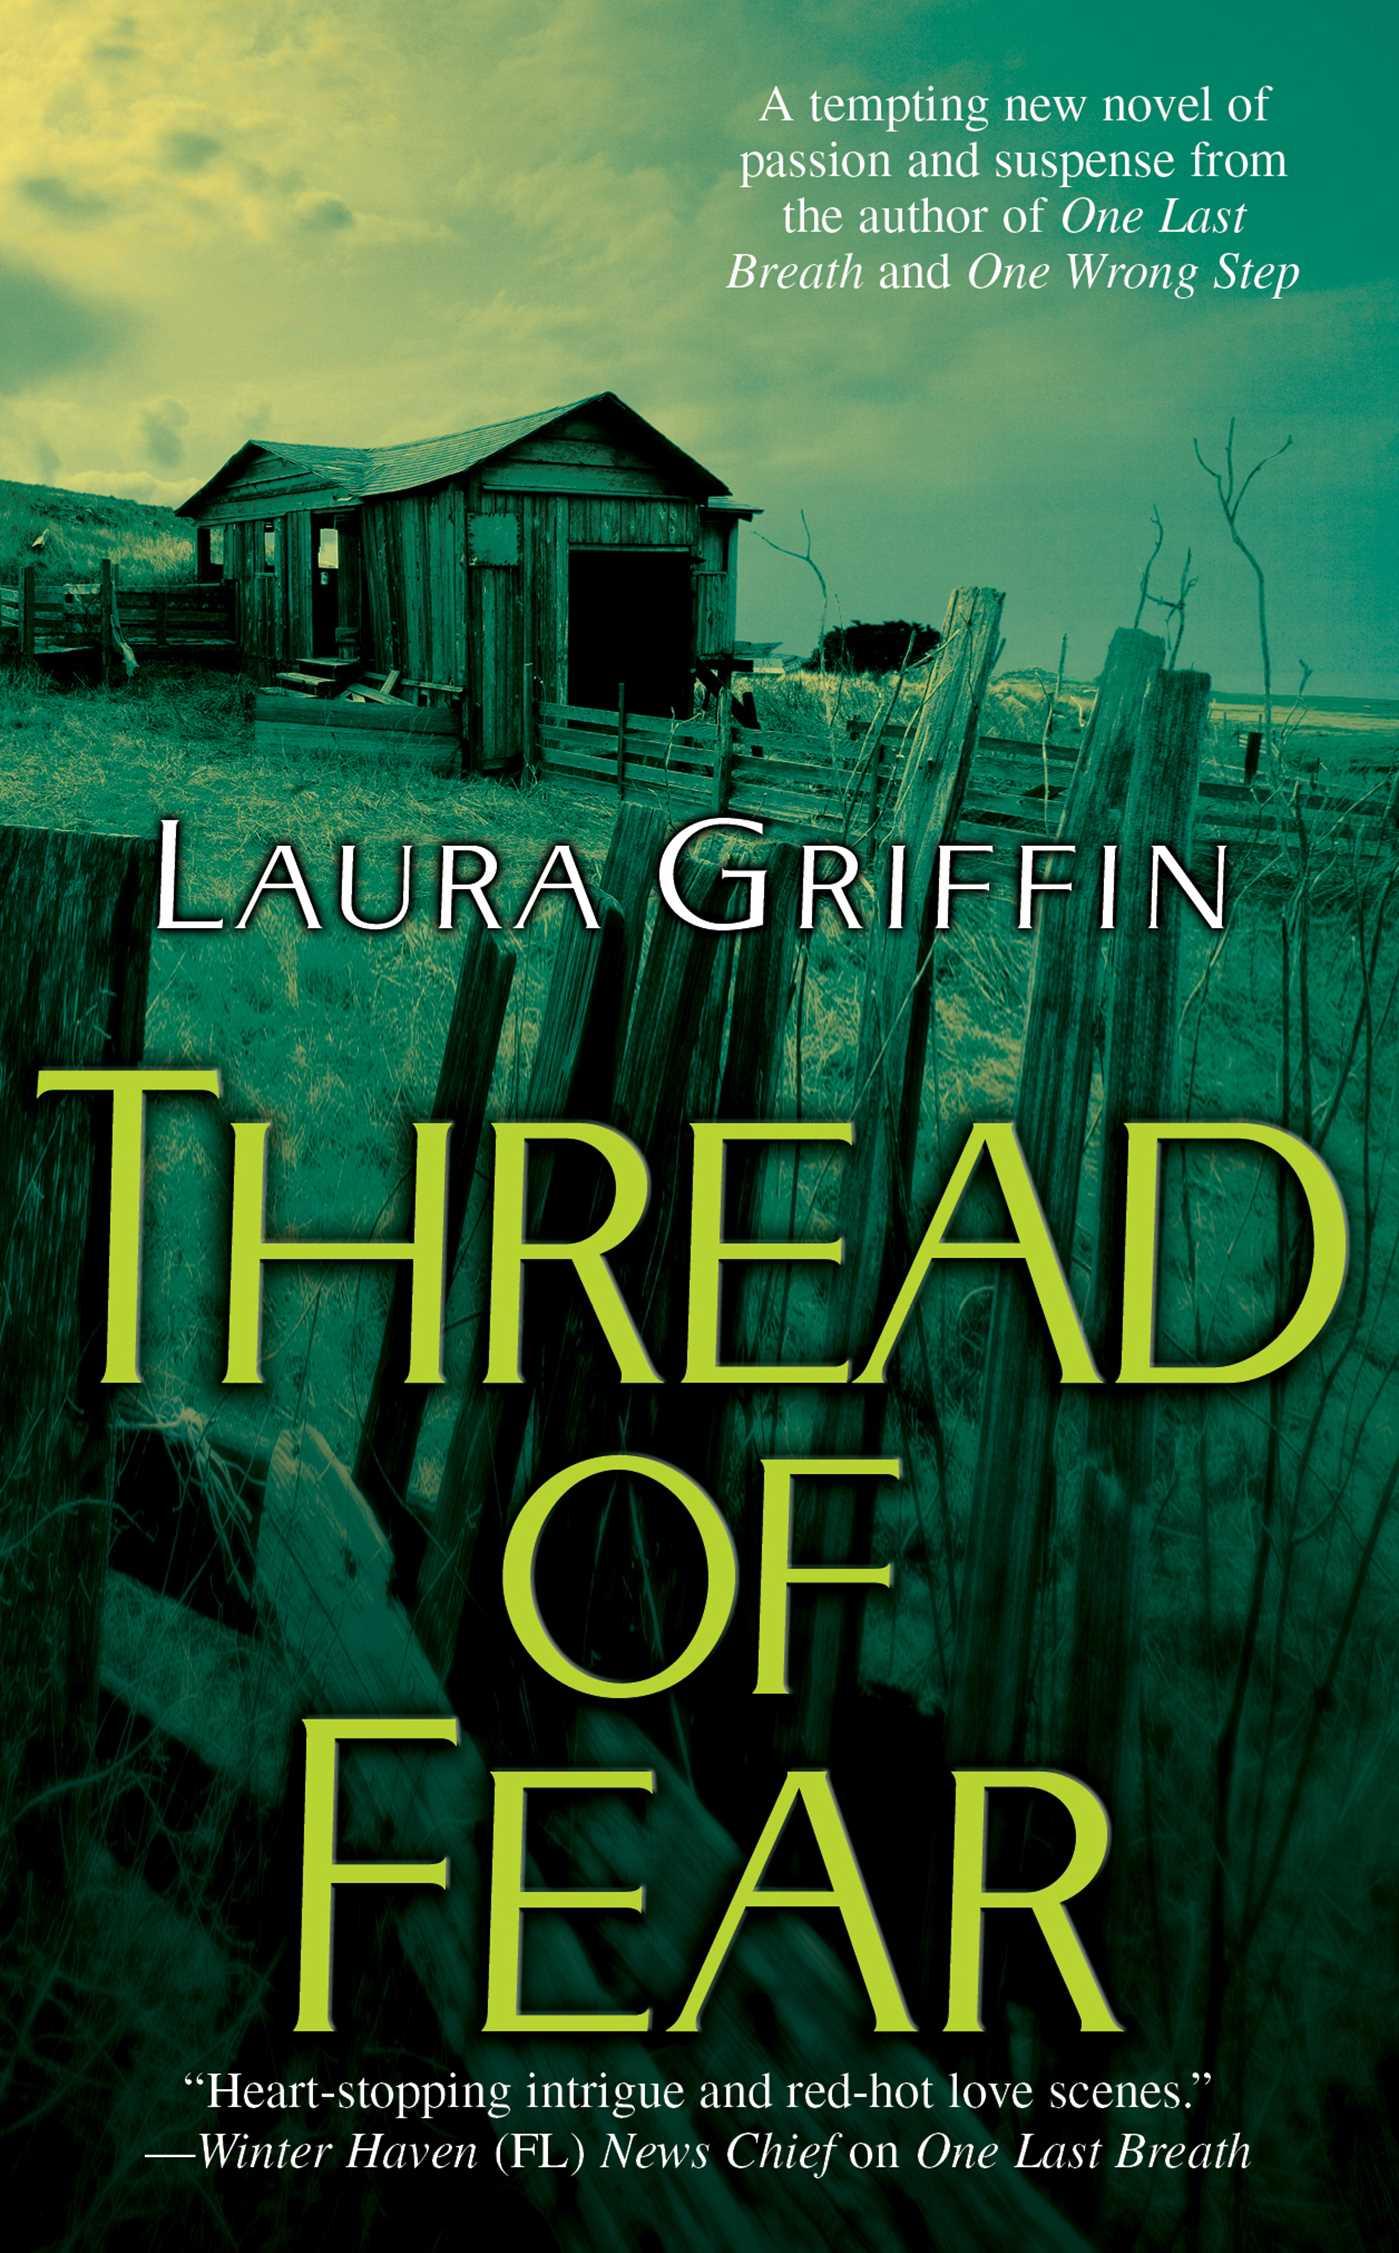 Thread of fear 9781416570745 hr